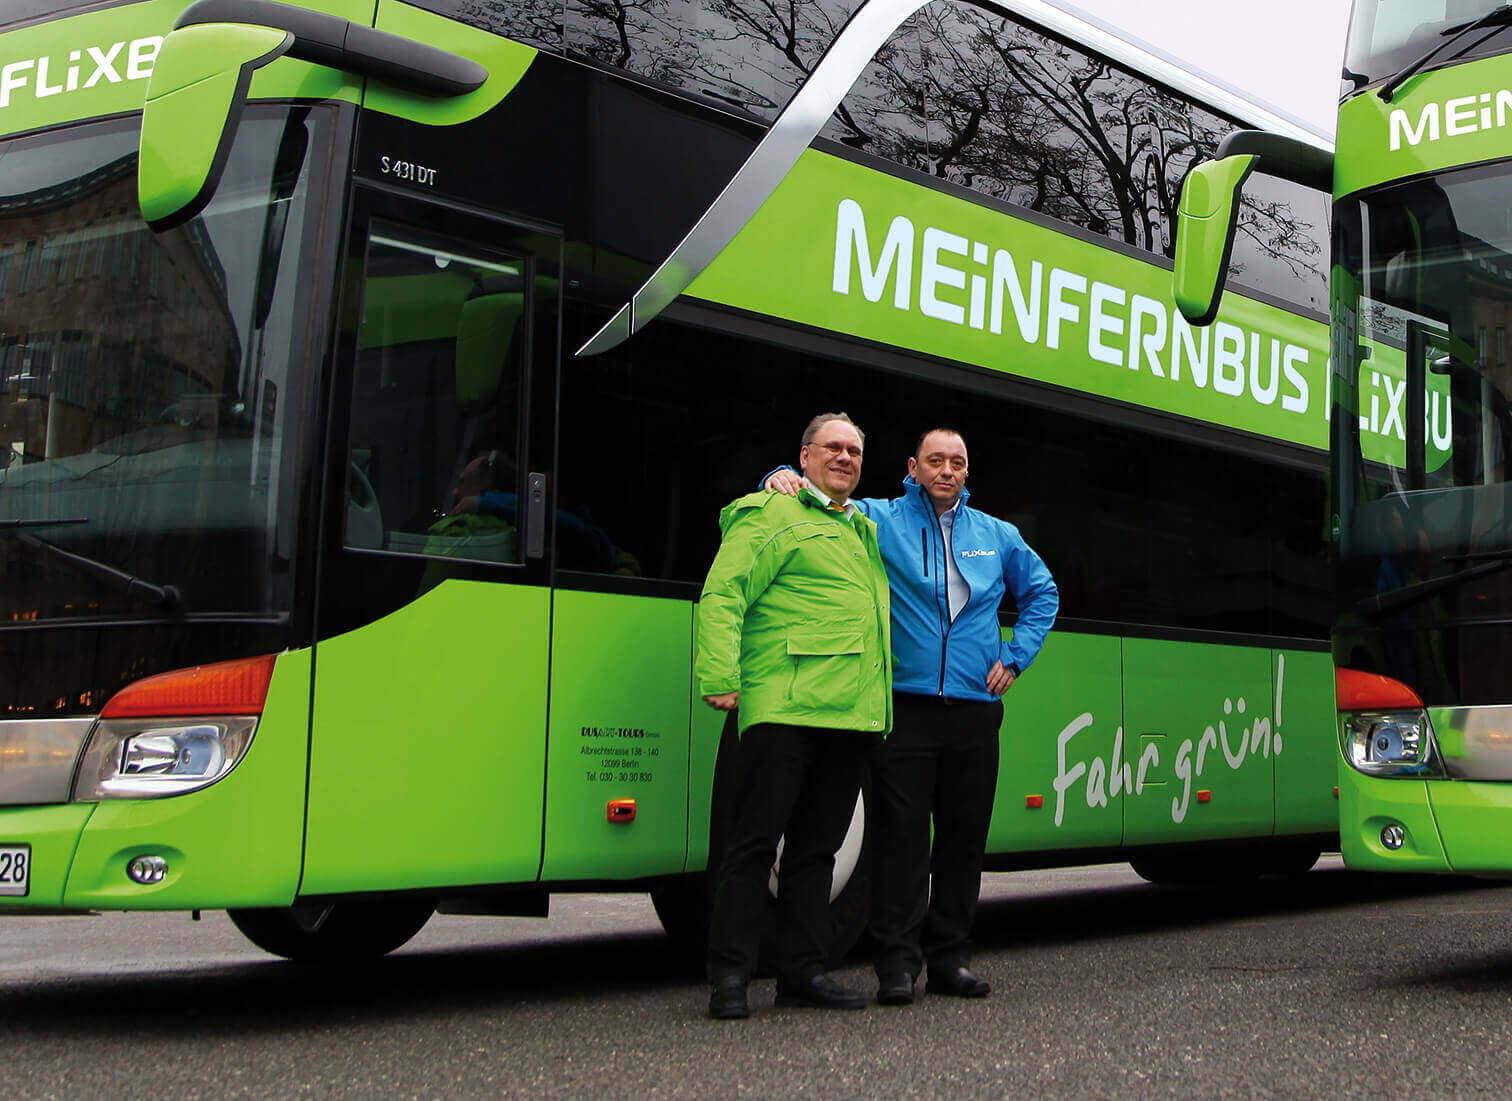 Utazza be Európát buszvezetőinkkel a legnagyobb biztonságban